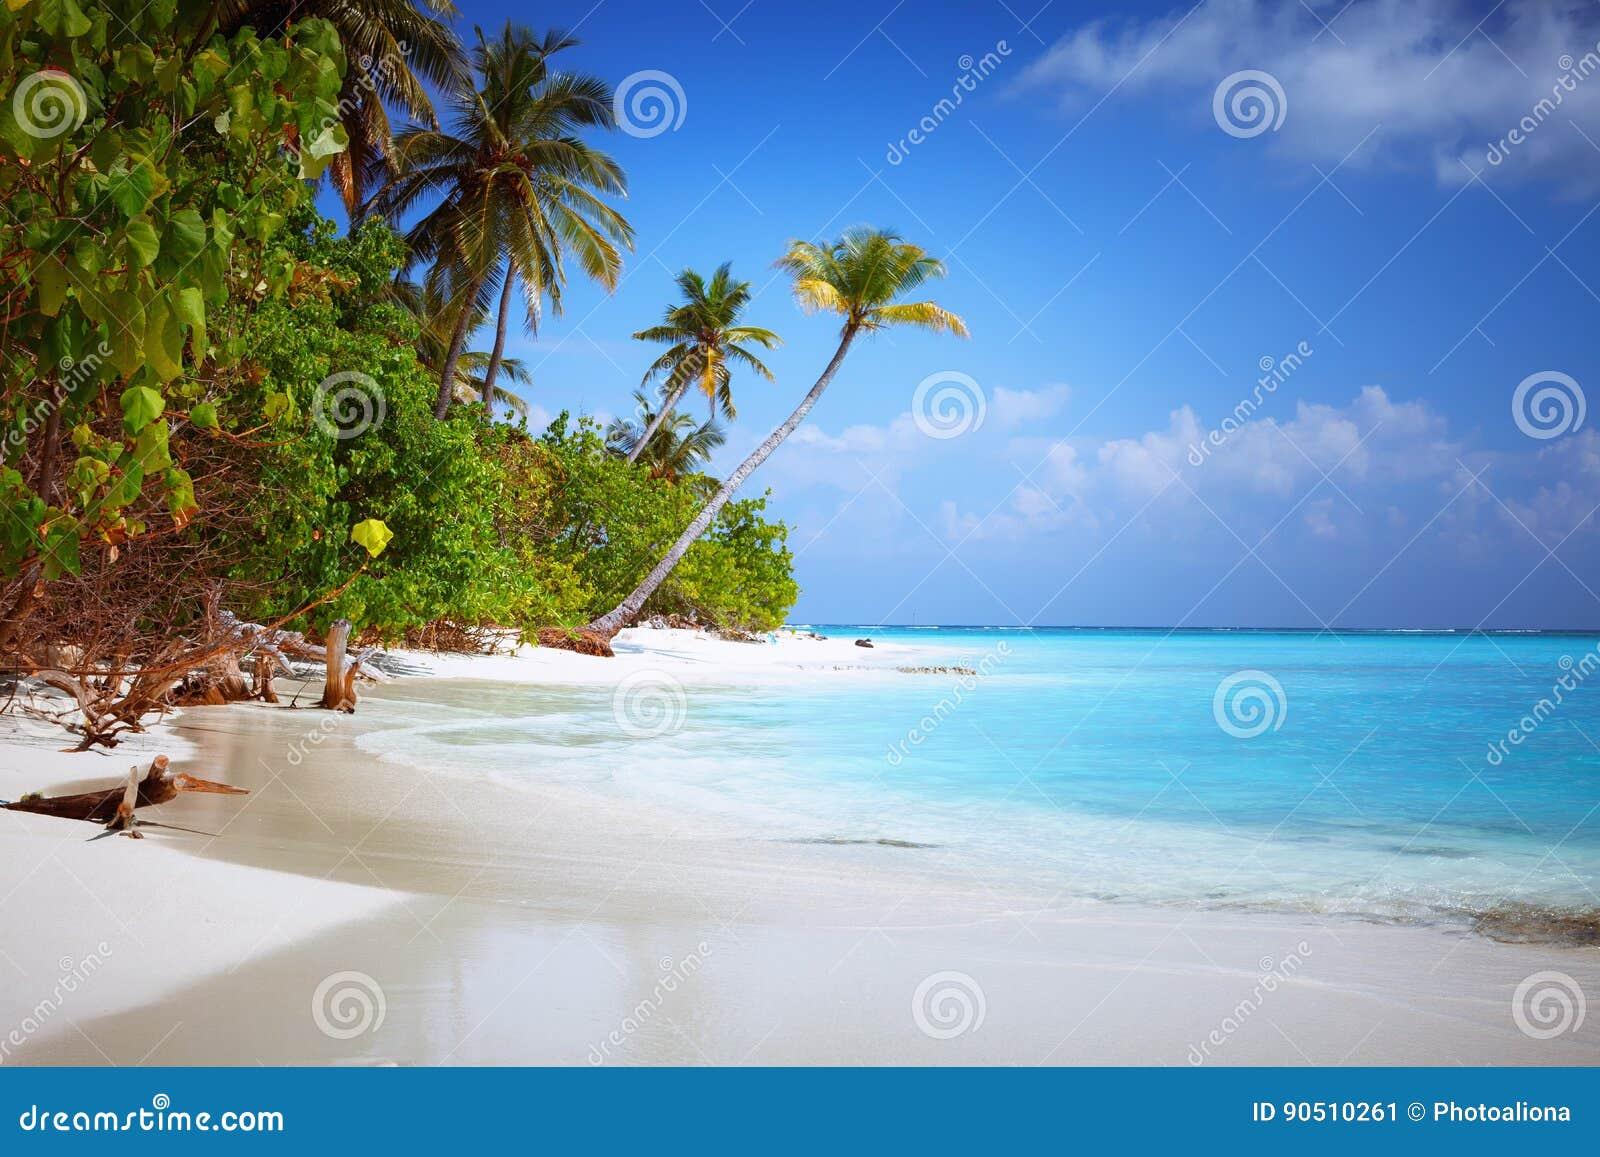 Stranden på den Maldiverna ön Fulhadhoo med vitt sandigt idylliskt gör perfekt stranden, och havet och kurvan gömma i handflatan